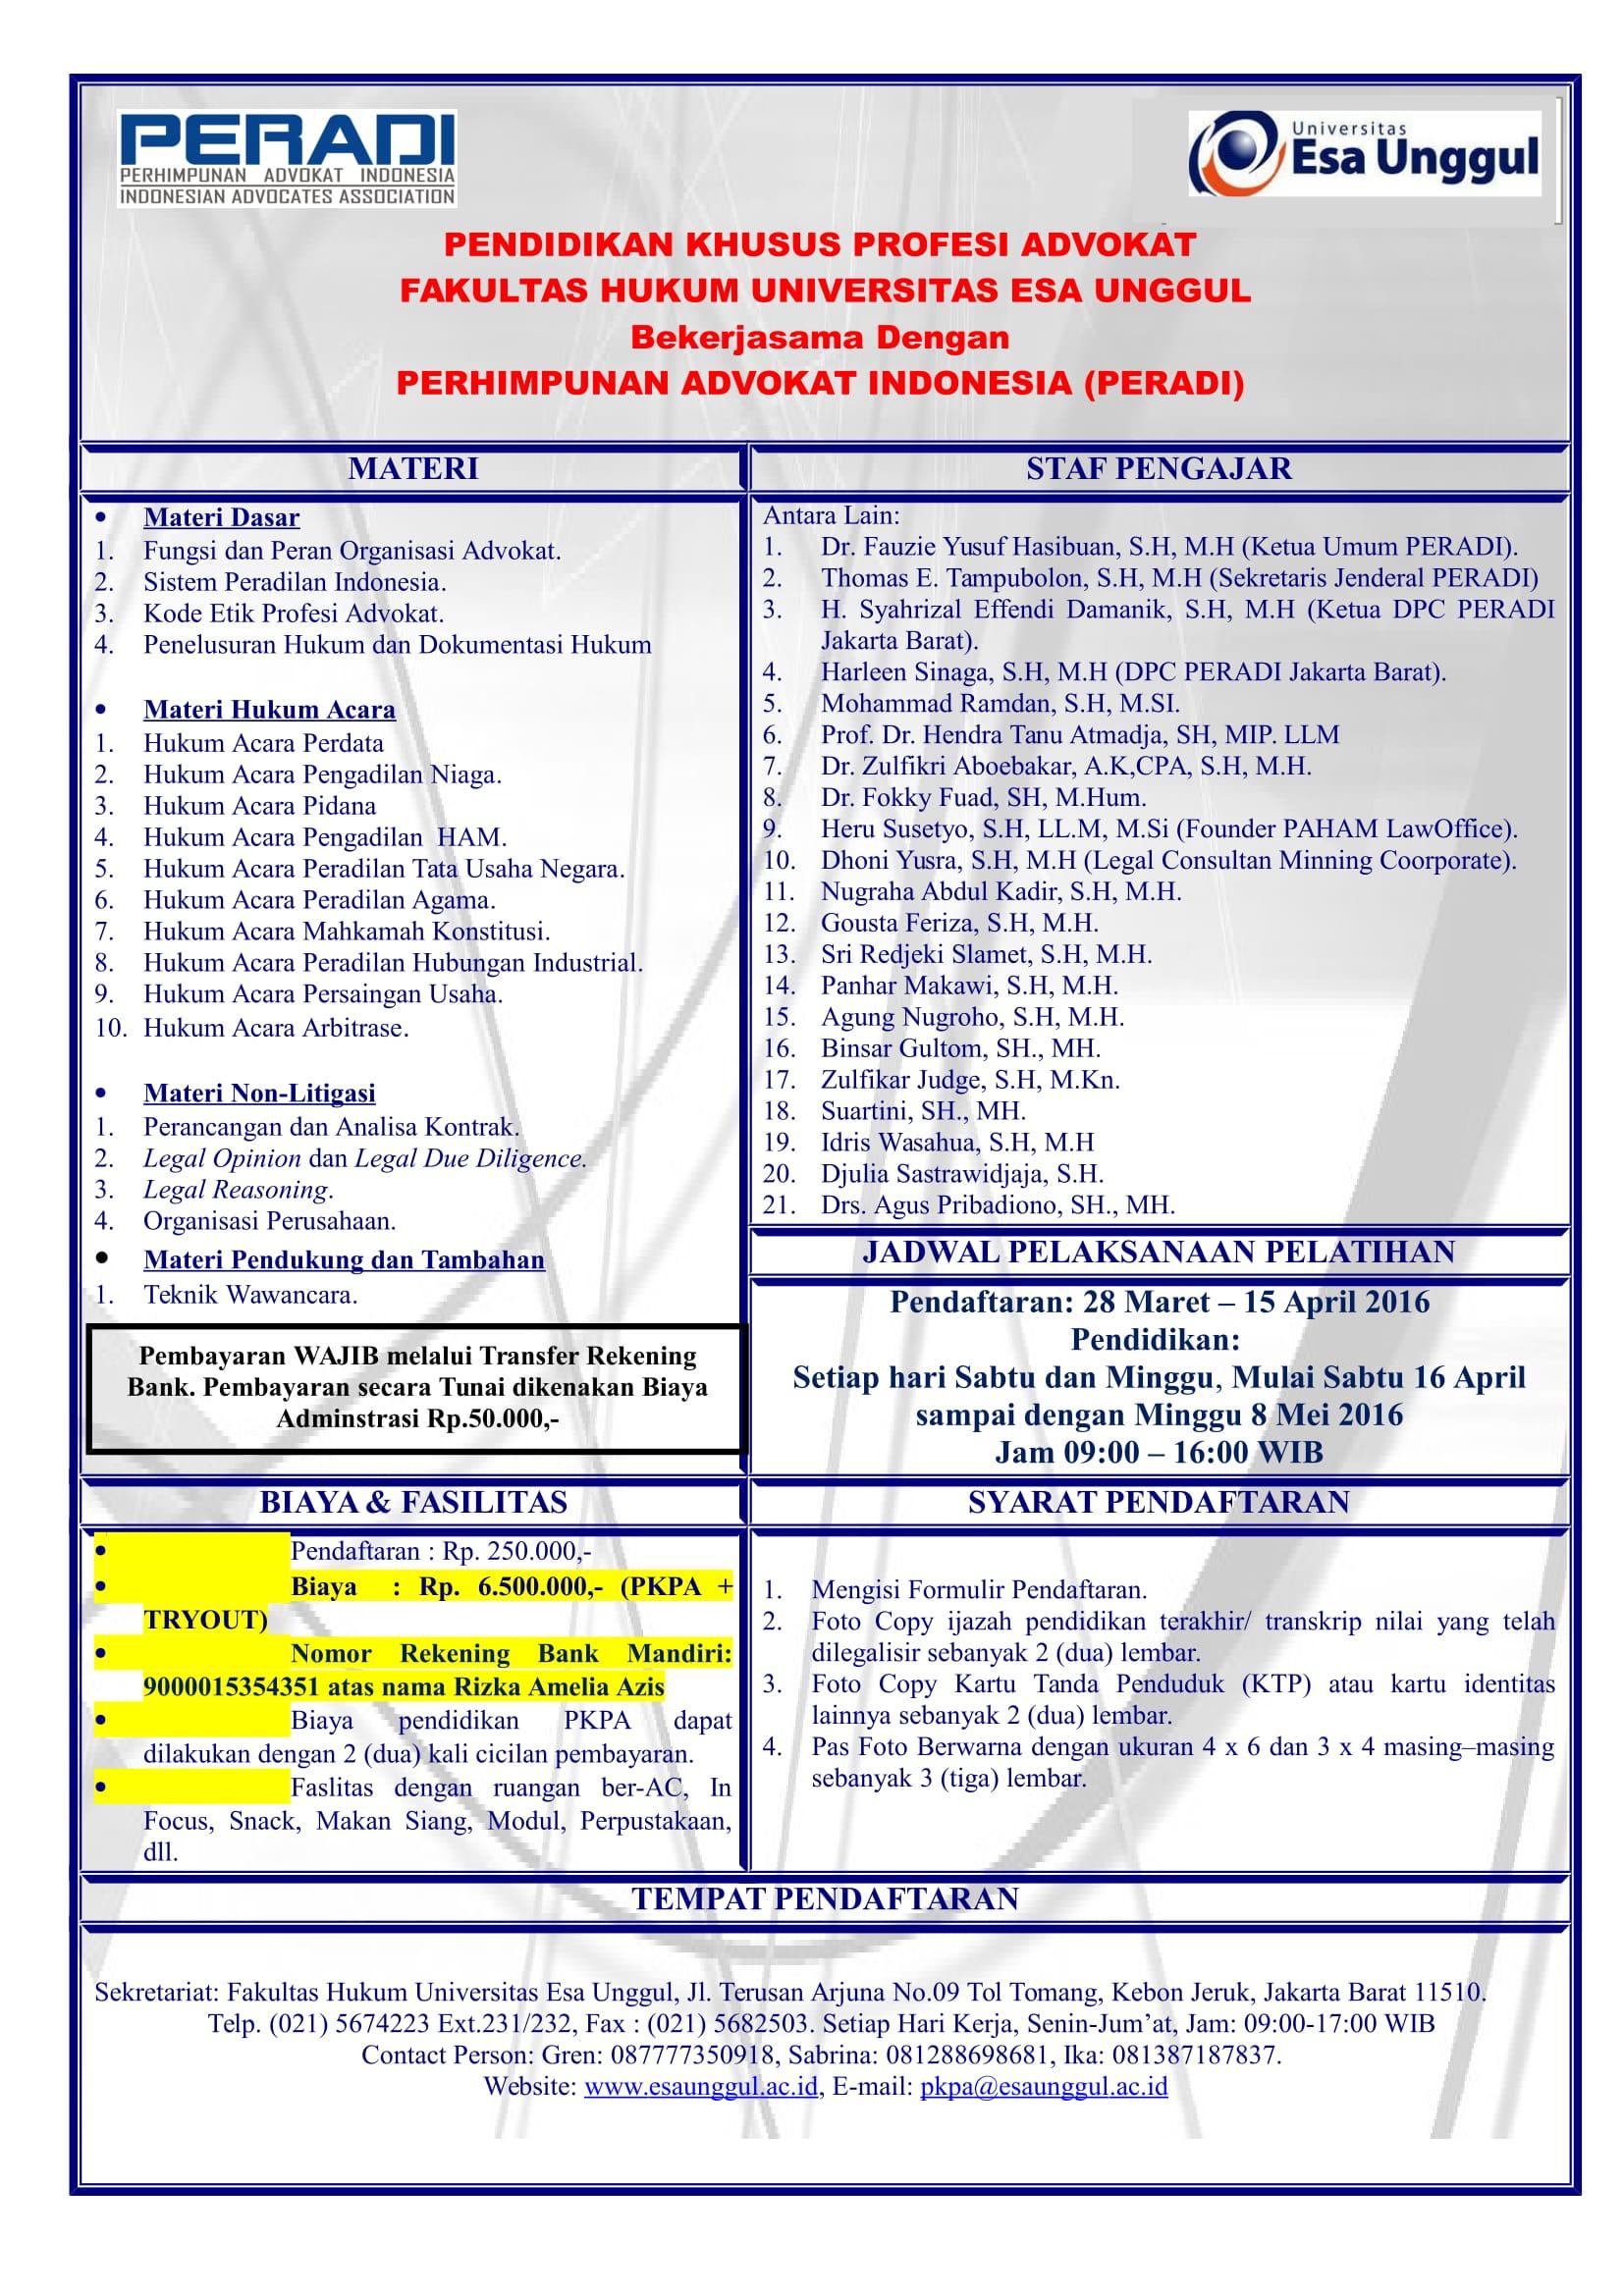 Pendidikan Khusus Profesi Advokat (PKPA) Universitas Esa Unggul